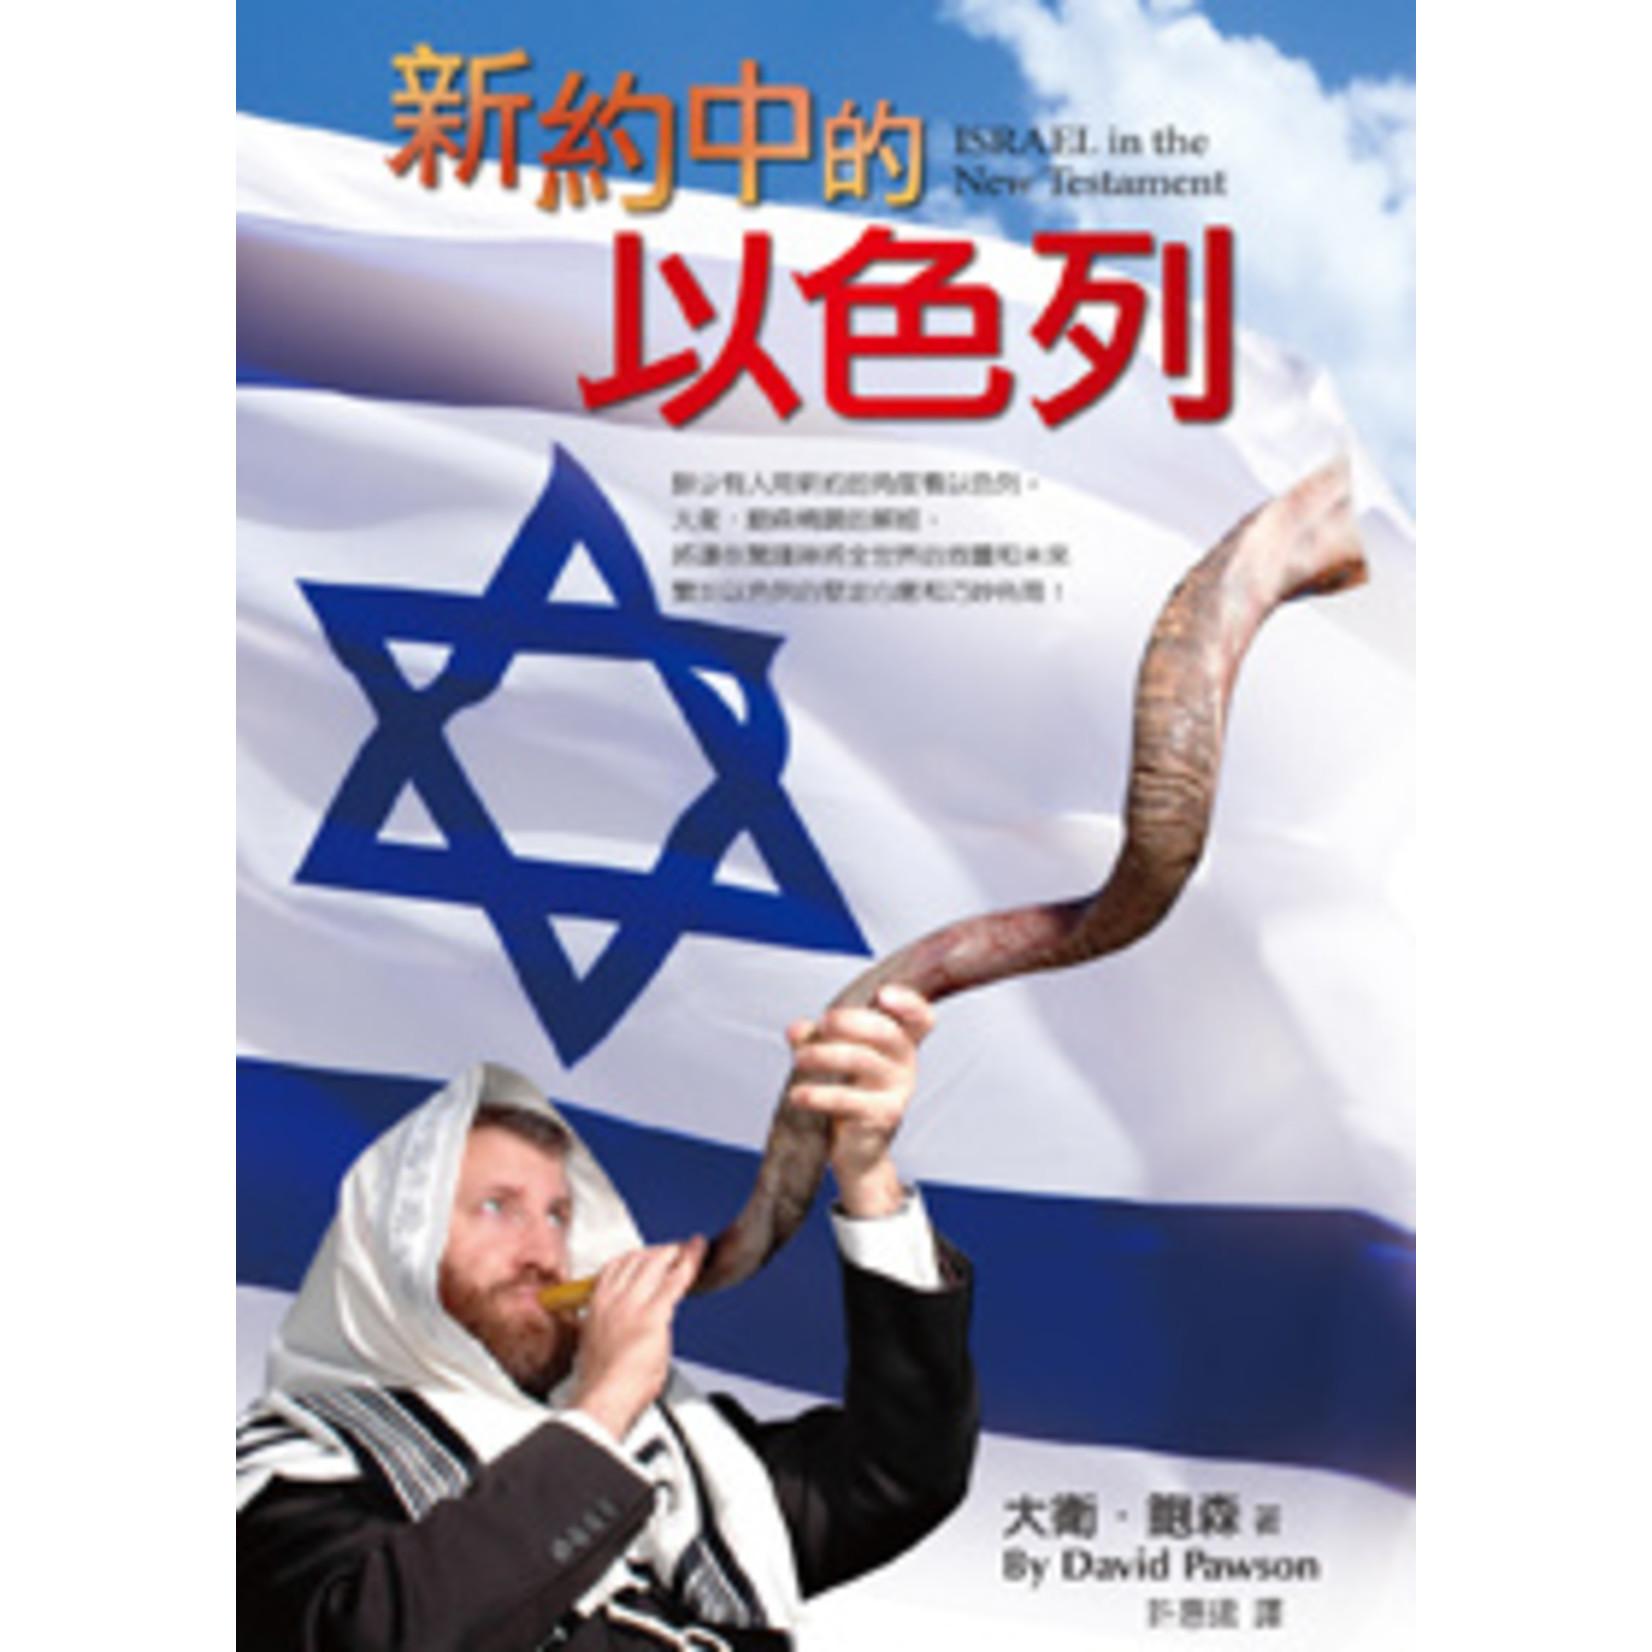 以琳 Elim (TW) 新約中的以色列 ISRAEL in the New Testament